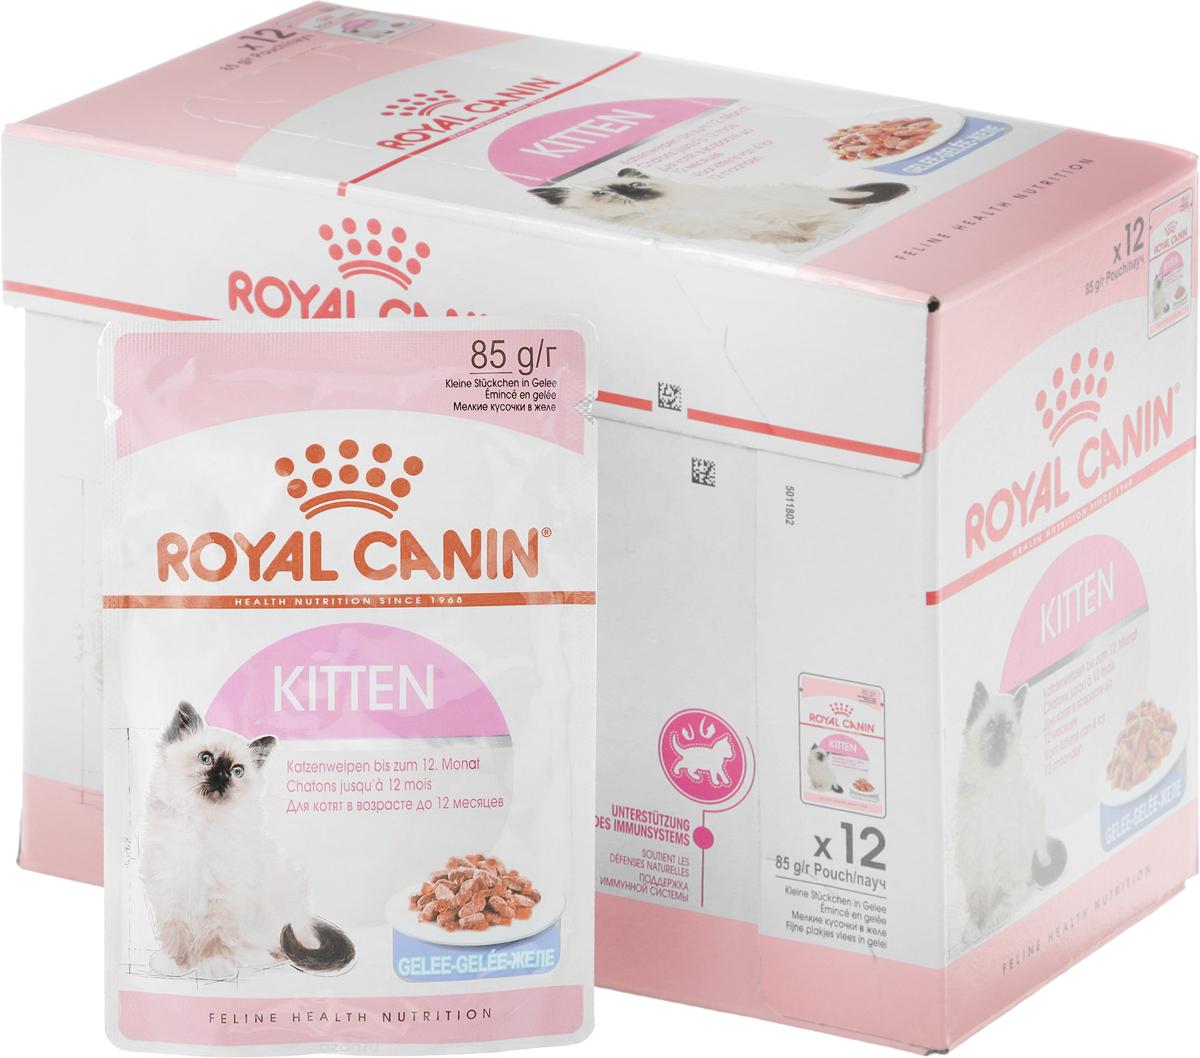 Консервы Royal Canin Kitten Instinctive, для котят с 4 до 12 месяцев, мелкие кусочки в желе, 85 г, 12 шт66244Консервы Royal Canin Kitten Instinctive - полноценное сбалансированное питание для котят с 4 до 12 месяцев. Котенок во 2-й фазе роста продолжает расти, только рост происходит не так активно, как в 1-й фазе, поэтому: - Он предпочитает специальную формулу Macro Nutritional Profile. - Укрепляется костная ткань котенка. Потребность котенка в энергии остается высокой, хотя и несколько меньшей, чем у котят 1-й фазы роста. - У котят прорезаются постоянные зубы. - Котенок 2-й фазы роста уже обладает собственной иммунной системой, однако его естественные защитные силы пока остаются уязвимыми. Пищевое предпочтение. Корм Kitten Instinctive имеет тщательно сбалансированную рецептуру, соответствующую оптимальной формуле Macro Nutritional Profile, инстинктивно предпочитаемой котятами во 2-й фазе роста. Легкое пережевывание. Размер и текстура кусочков корма идеально адаптированы для челюстей котенка. Естественная защита. Корм Kitten Instinctive помогает формированию естественной защитной системы организма котенка, стимулируя выработку антител благодаря маннановым олигосахаридам и комплексу антиоксидантов (витаминам E и C, таурину и лютеину). Состав: мясо и мясные субпродукты, злаки, экстракты белков растительного происхождения, субпродукты растительного происхождения, молоко и продукты его переработки, масла и жиры, минеральные вещества, дрожжи, источники углеводов. Добавки (в 1 кг): Витамин D3: 175 ME, Железо: 3 мг, Йод: 0,38 мг, Медь: 3 мг, Марганец: 1 мг, Цинк: 10 мг. Товар сертифицирован.